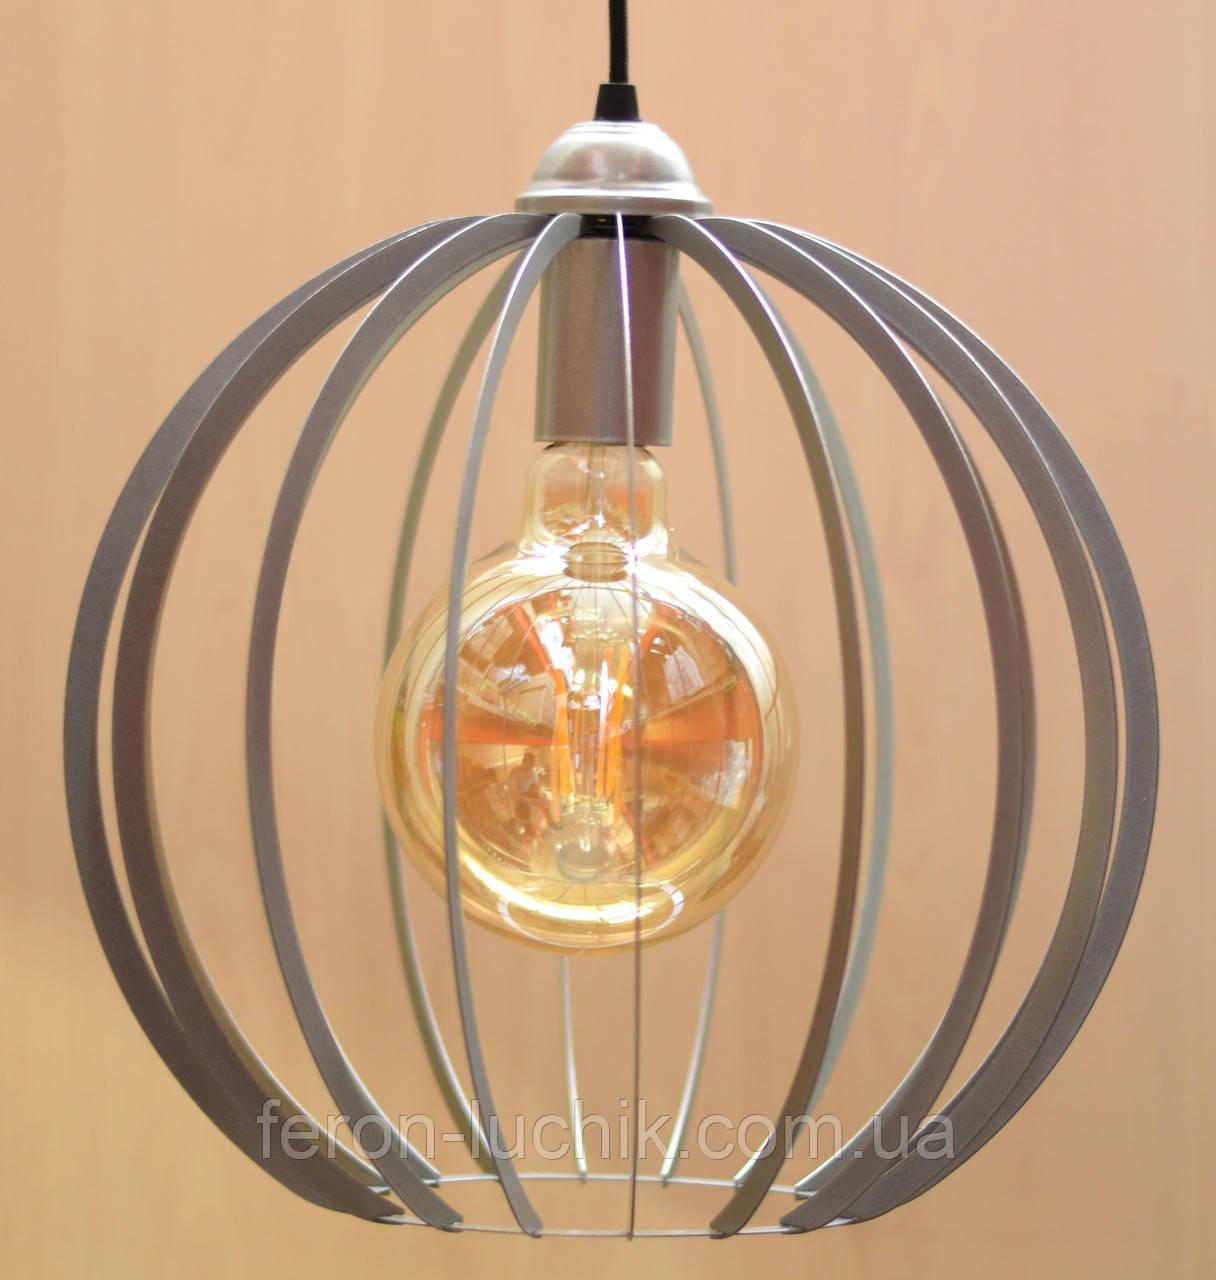 Подвесная Люстра Е27 LOFT Сфера потолочная (серебро, золото)